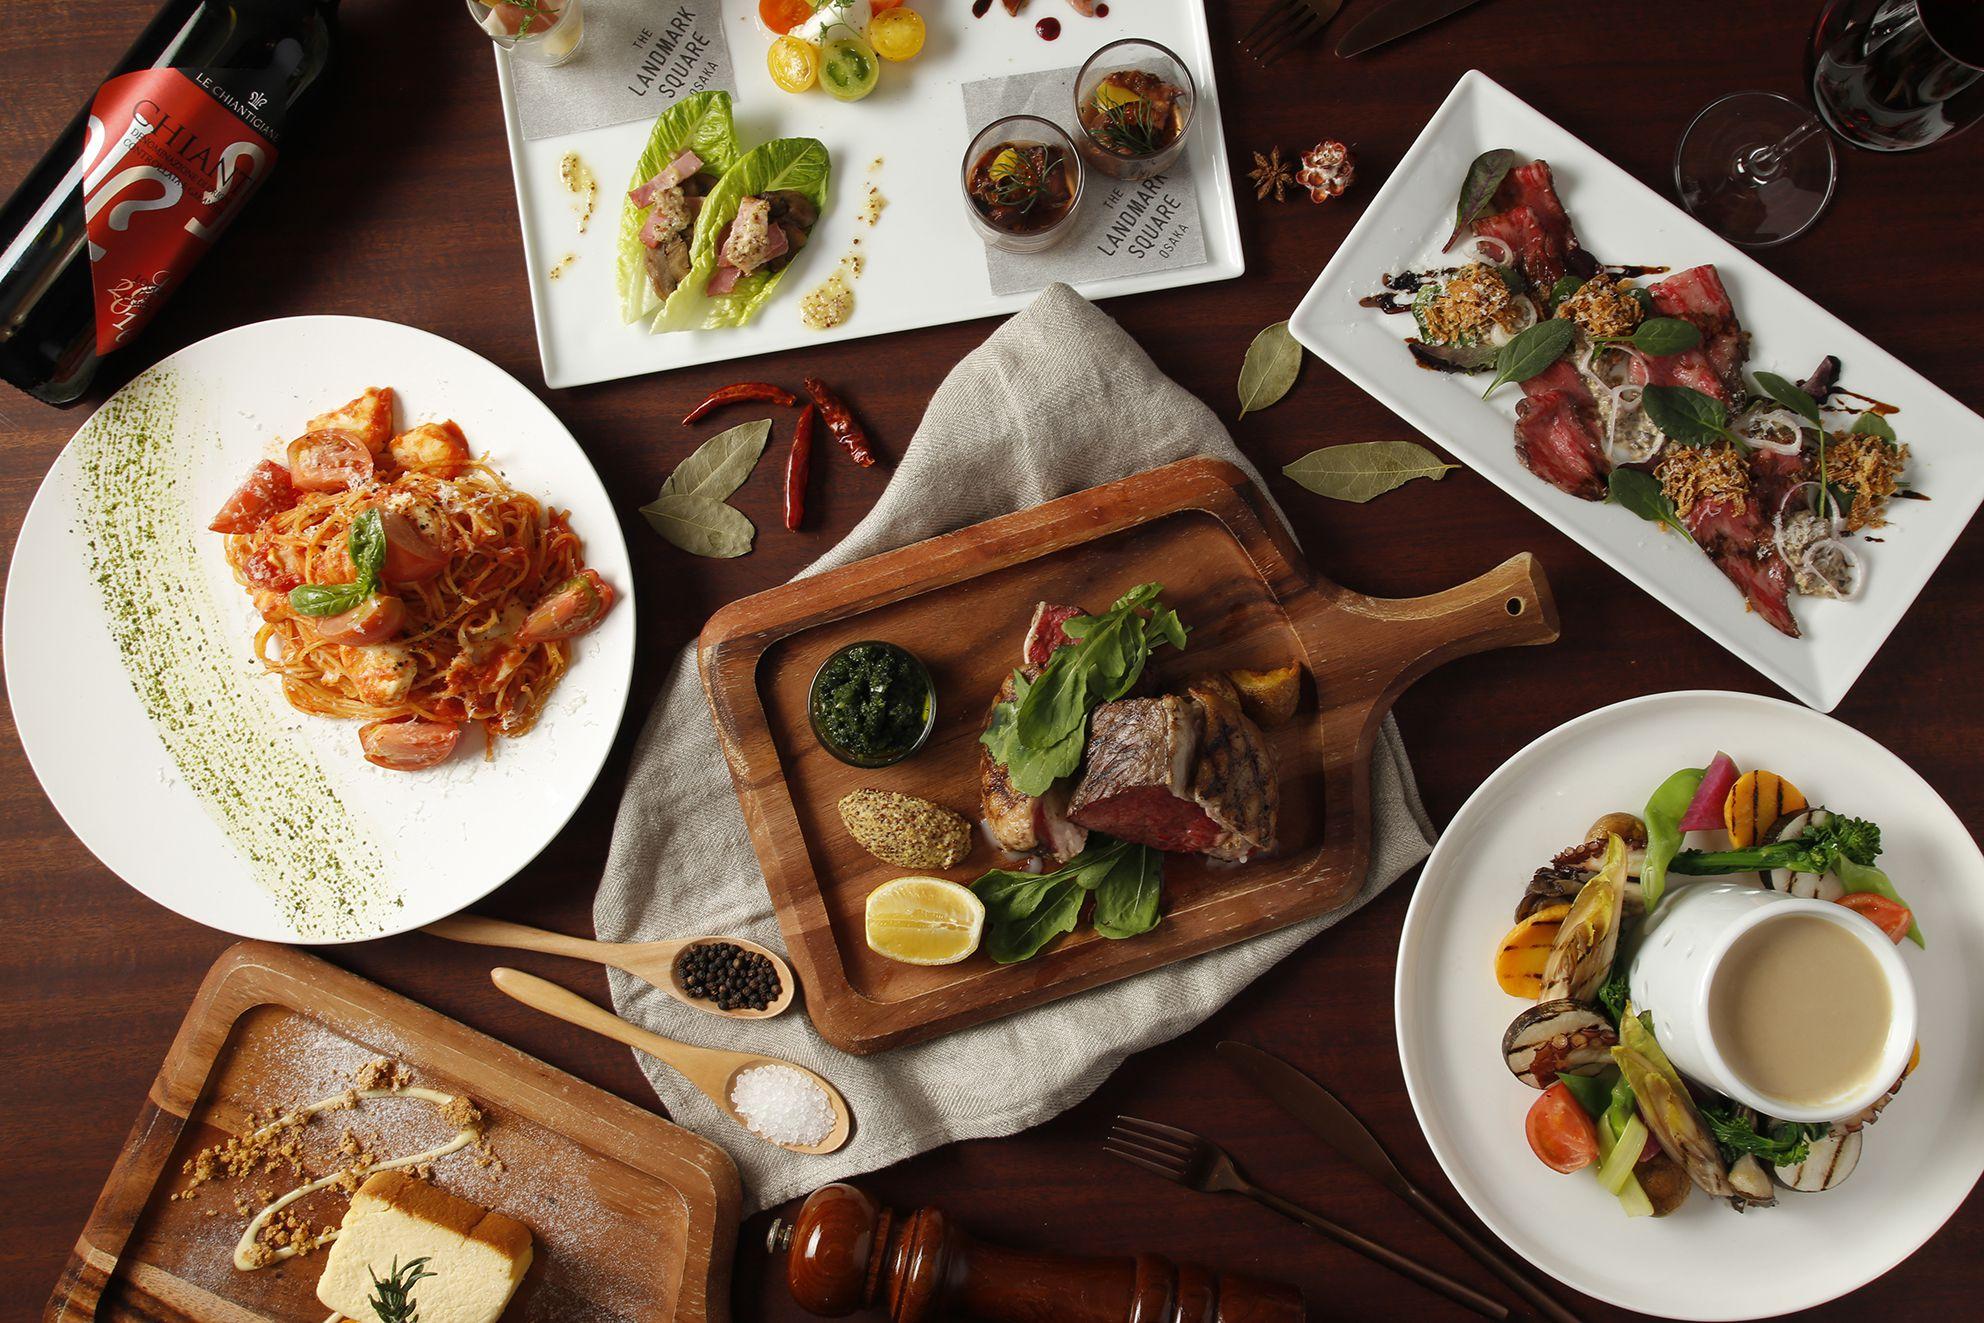 関西の食材を活かすモダンイタリアン。貴賓室テラスオープンを記念したランチコース3,582円、ディナーコース5,980円(税・サービス込)も用意している。